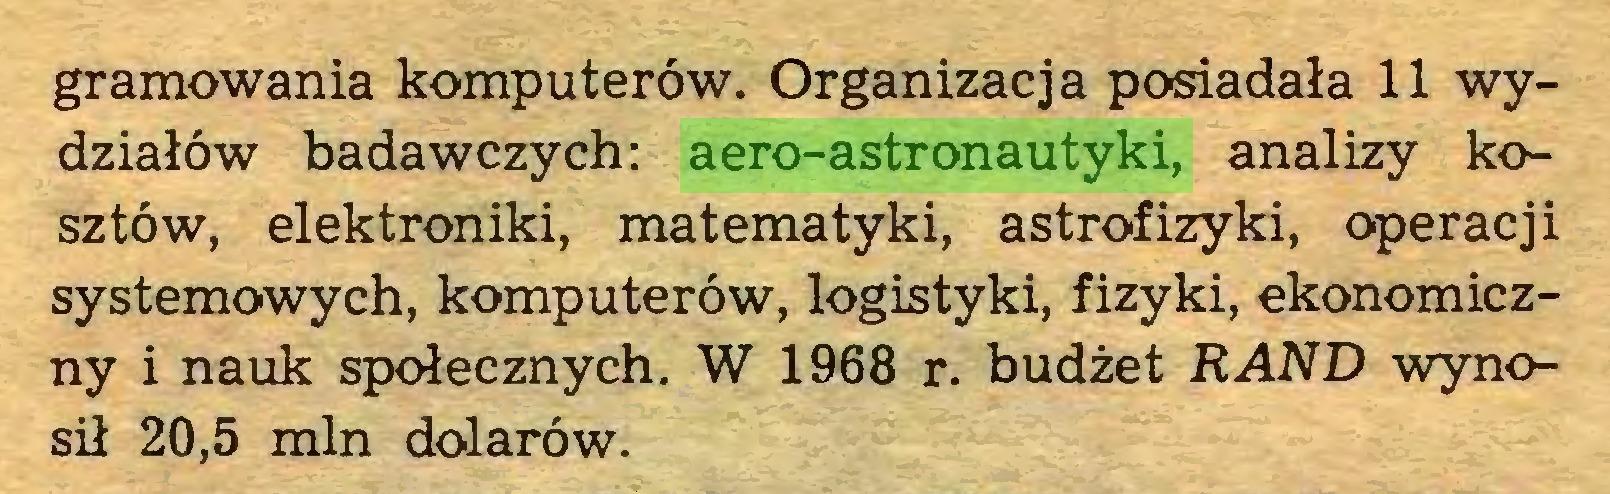 (...) gramowania komputerów. Organizacja posiadała 11 wydziałów badawczych: aero-astronautyki, analizy kosztów, elektroniki, matematyki, astrofizyki, operacji systemowych, komputerów, logistyki, fizyki, ekonomiczny i nauk społecznych. W 1968 r. budżet RAND wynosił 20,5 min dolarów...